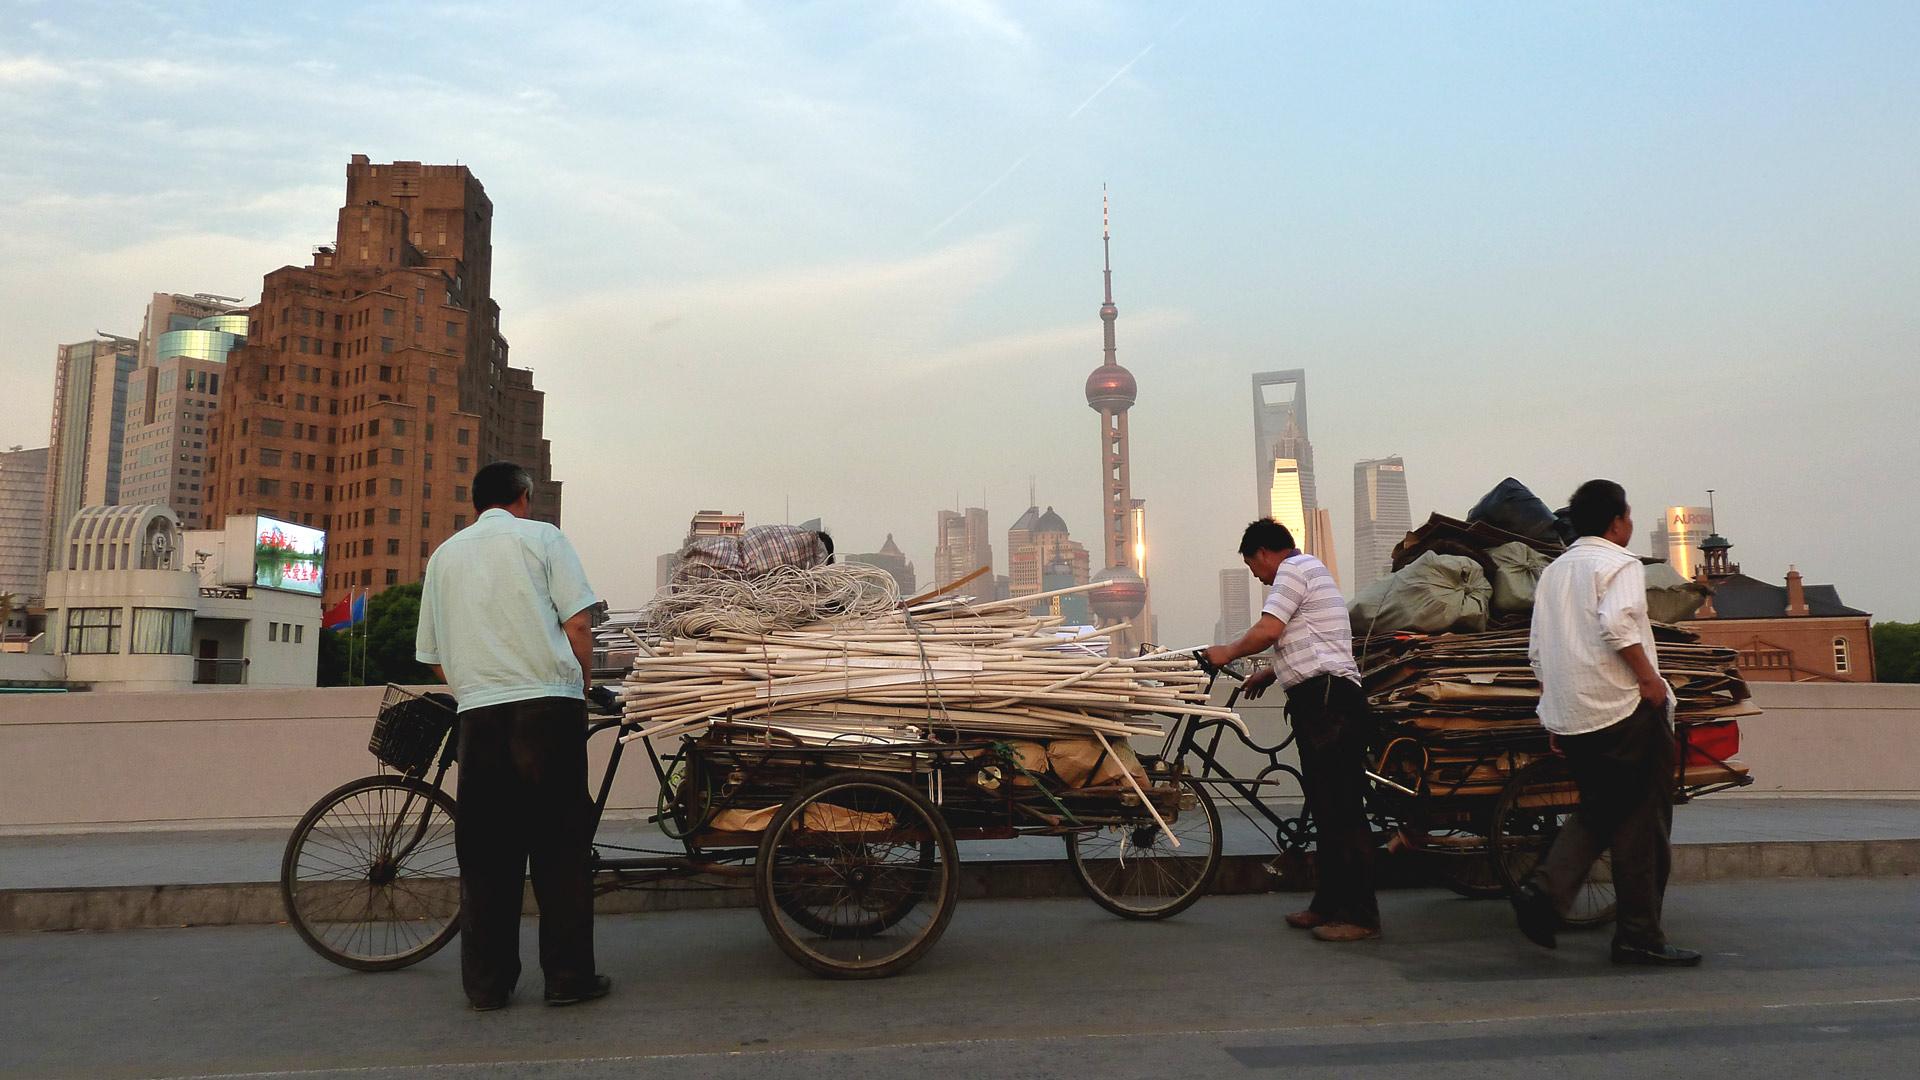 Shanghai: Zukunft heute, in der schnellst wachsenden Volkswirtschaft der Welt